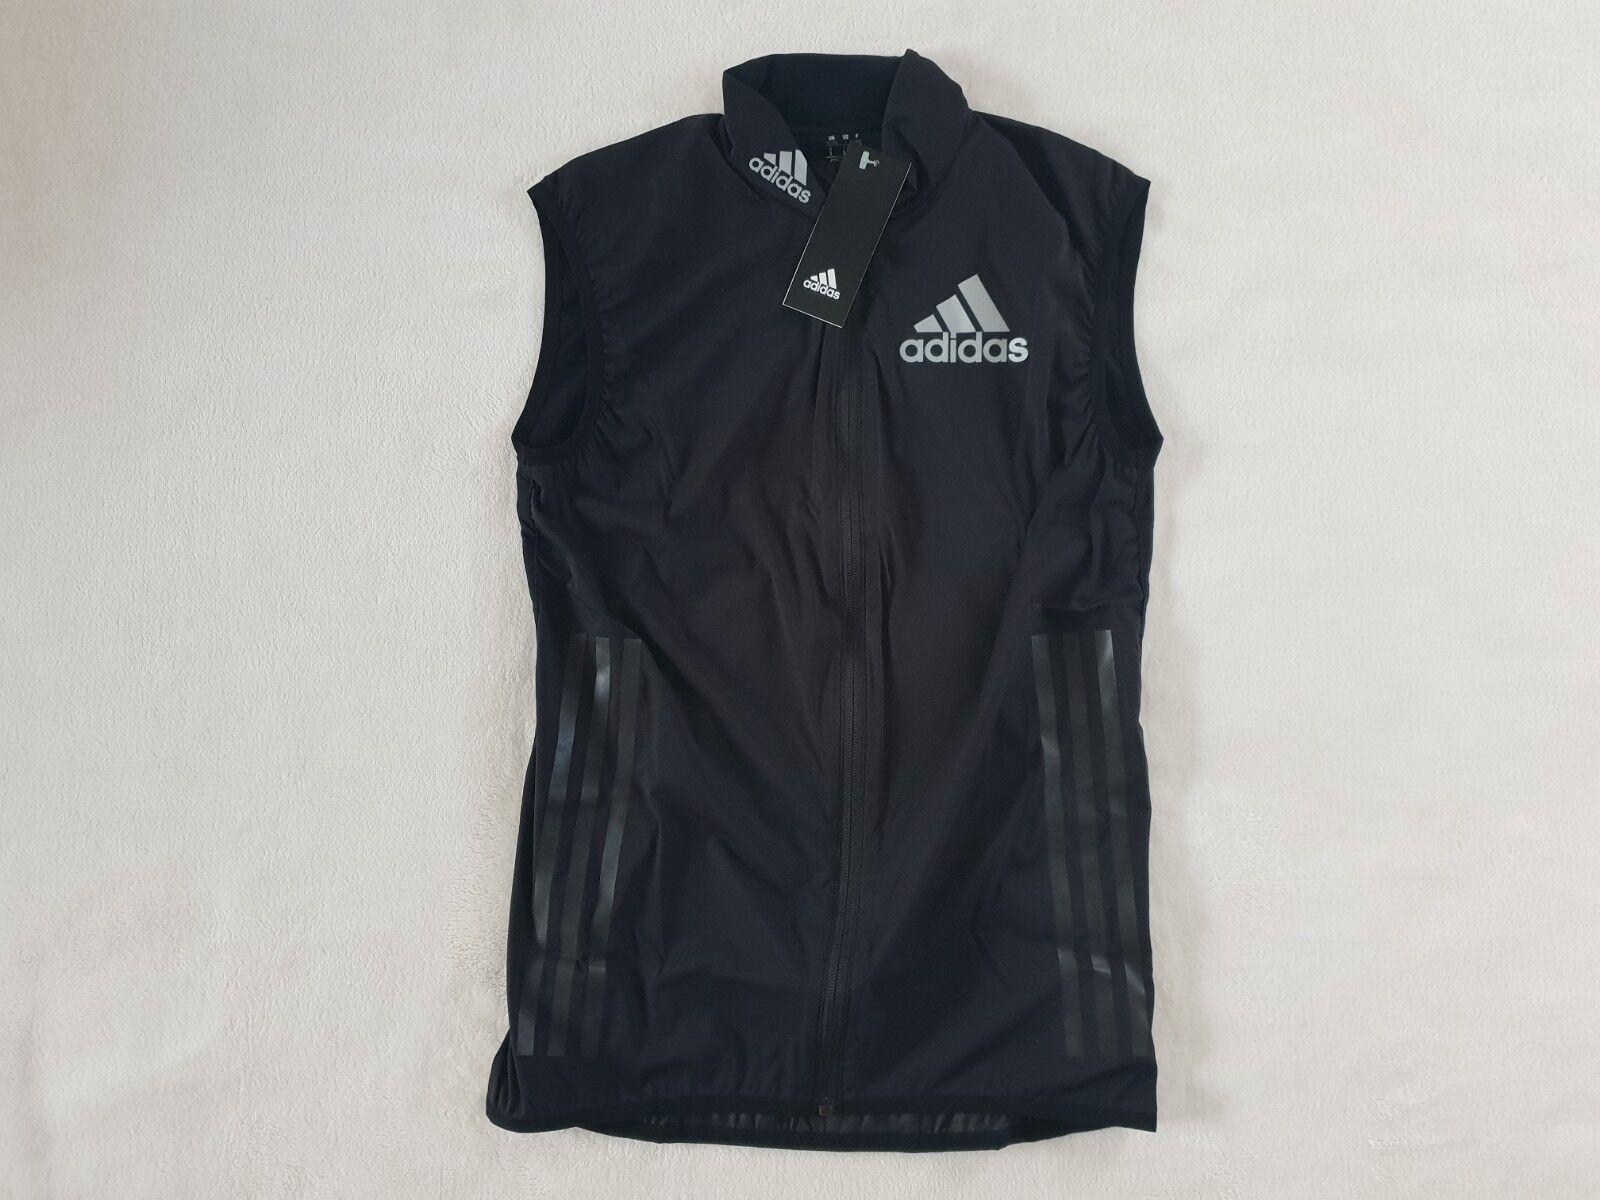 Adidas Athleten Weste M Light Running Größe XS S M L  -NEU-